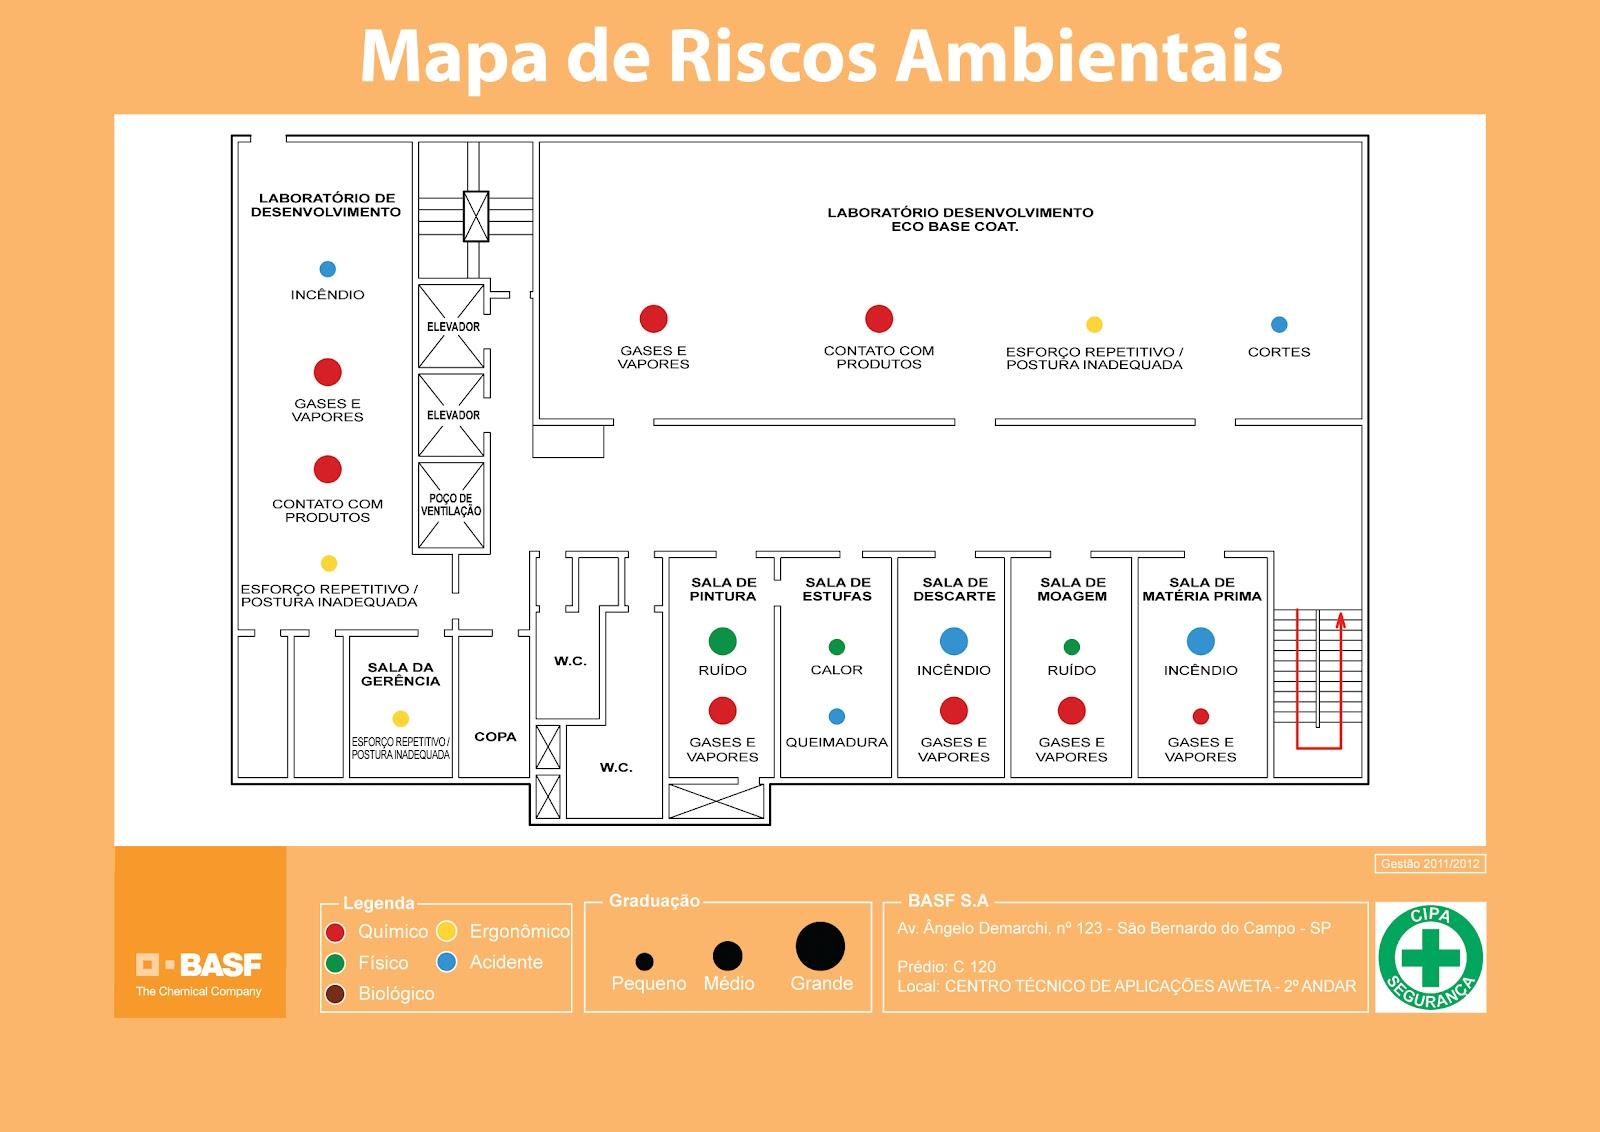 Mapas De Riscos Sa De E Seguran A Do Trabalho Rural